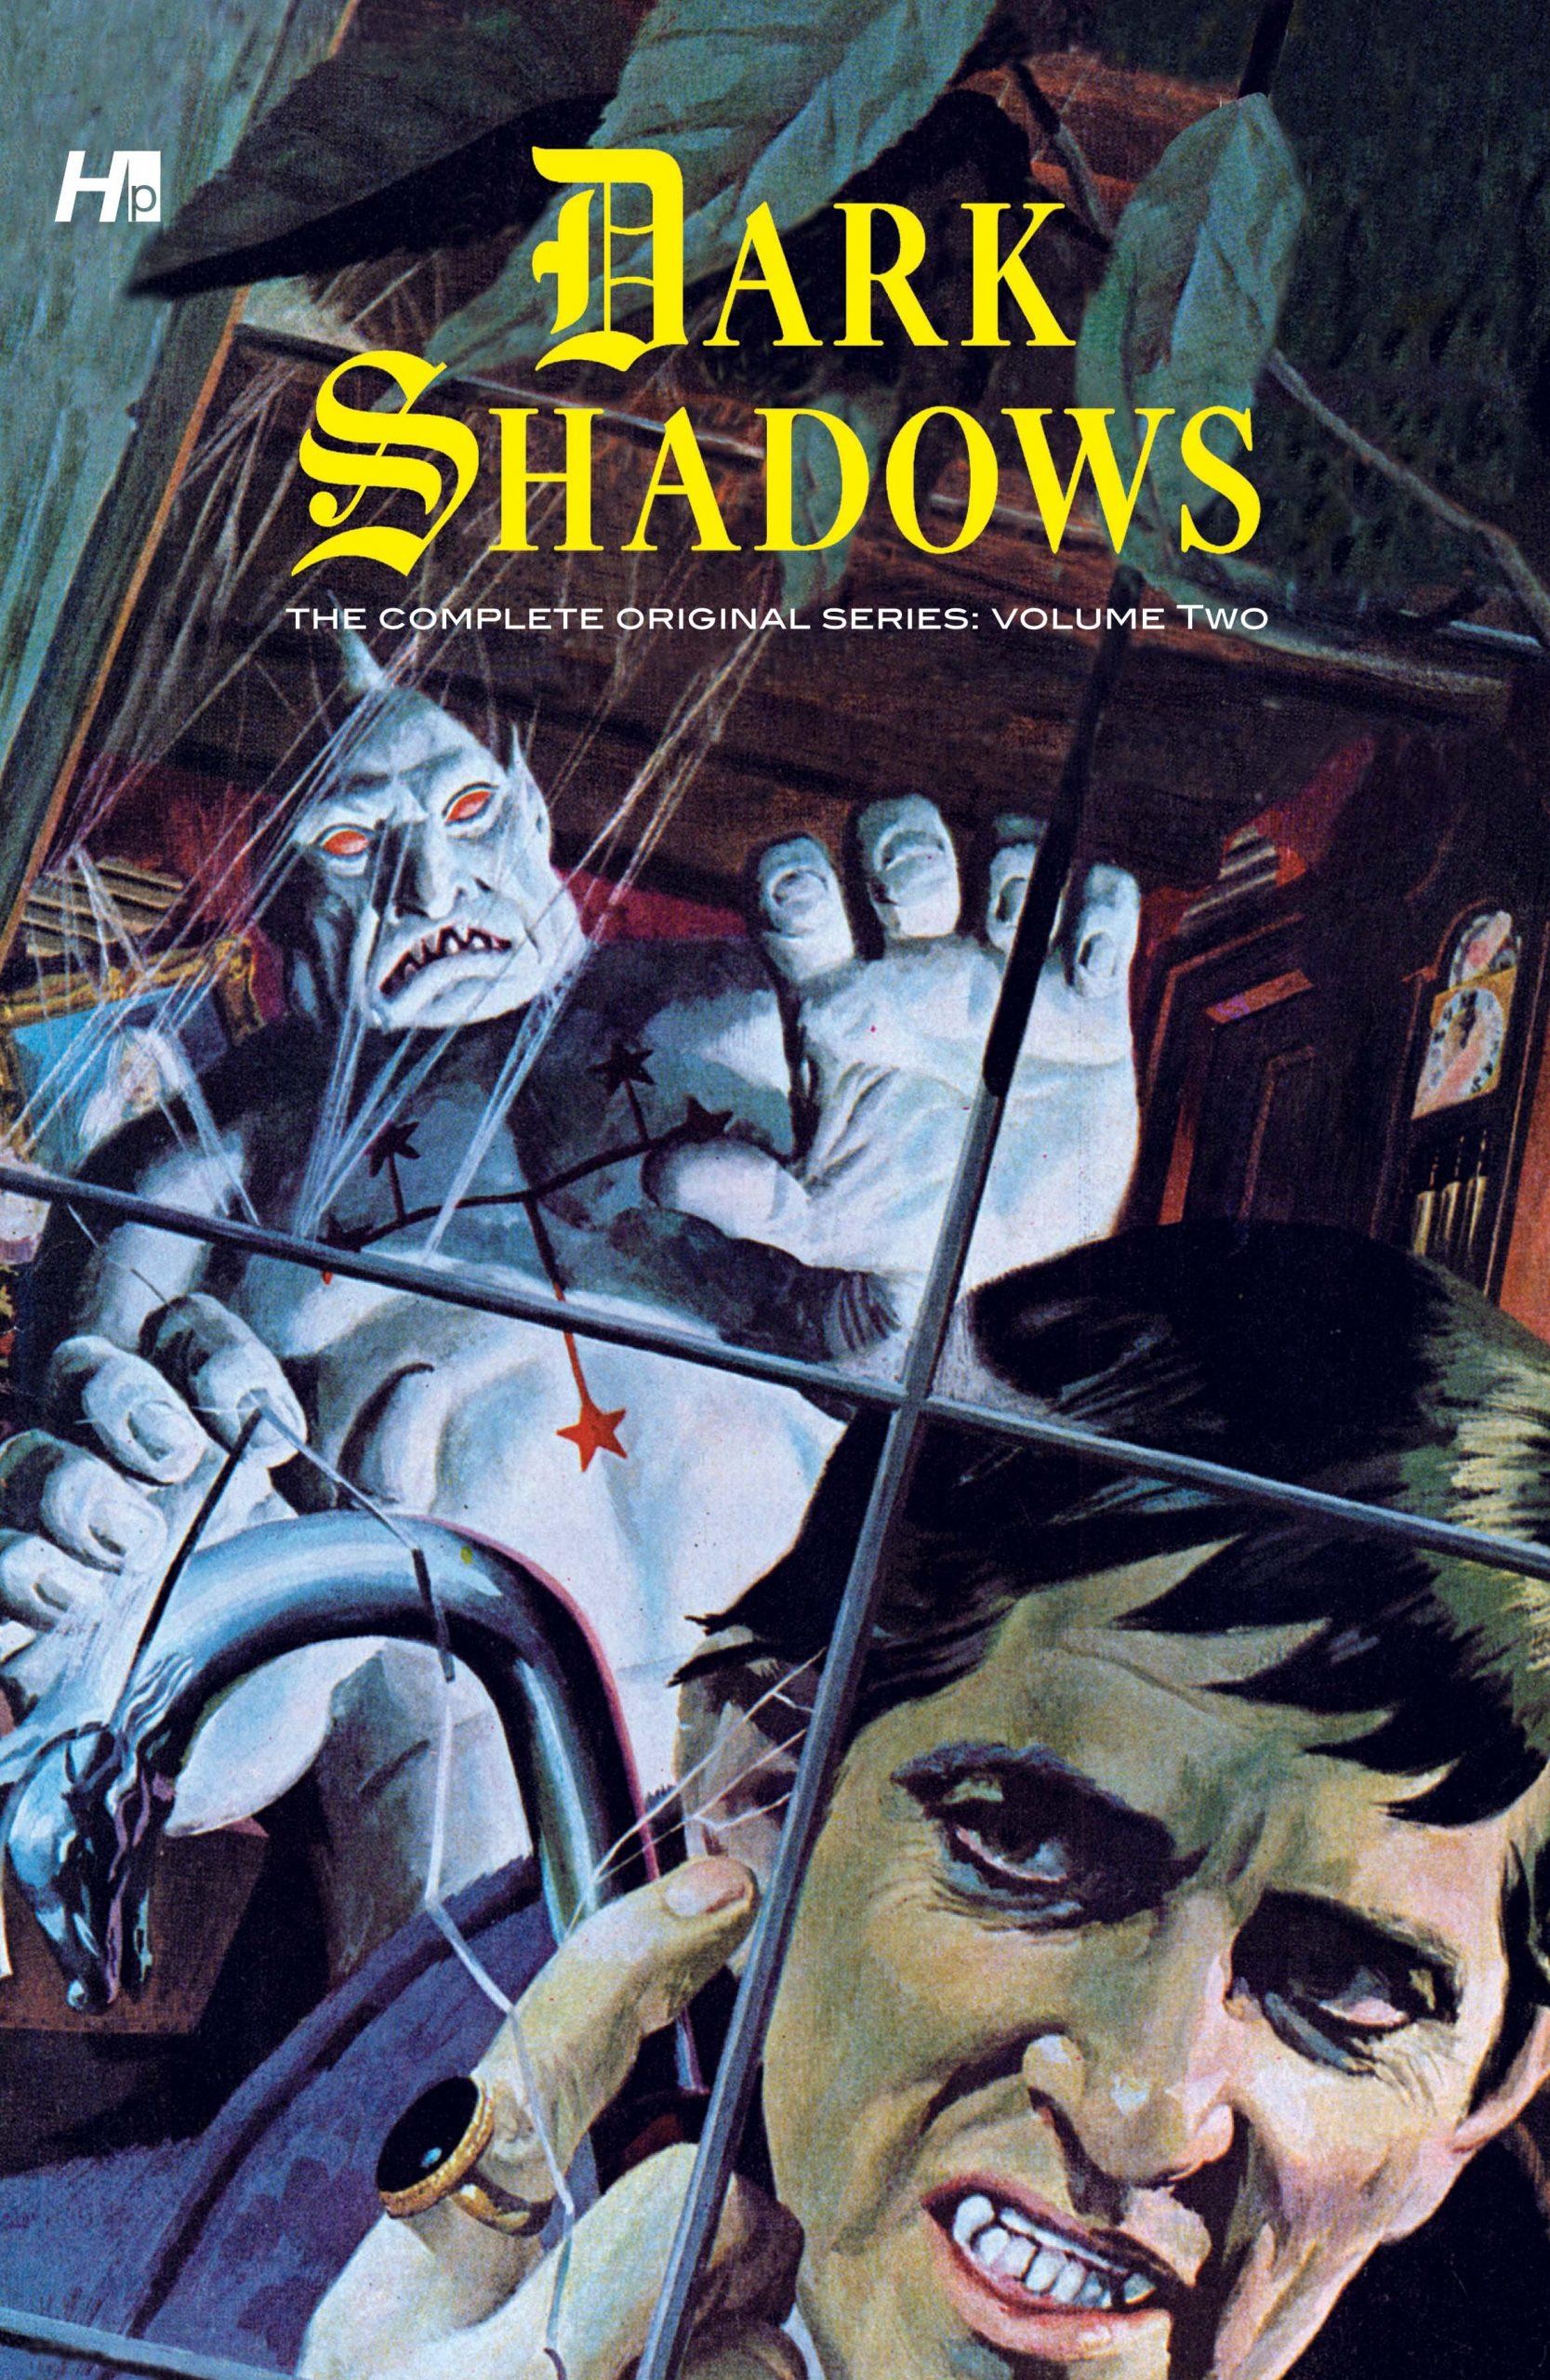 'Dark Shadows' comic book collection, volume 2